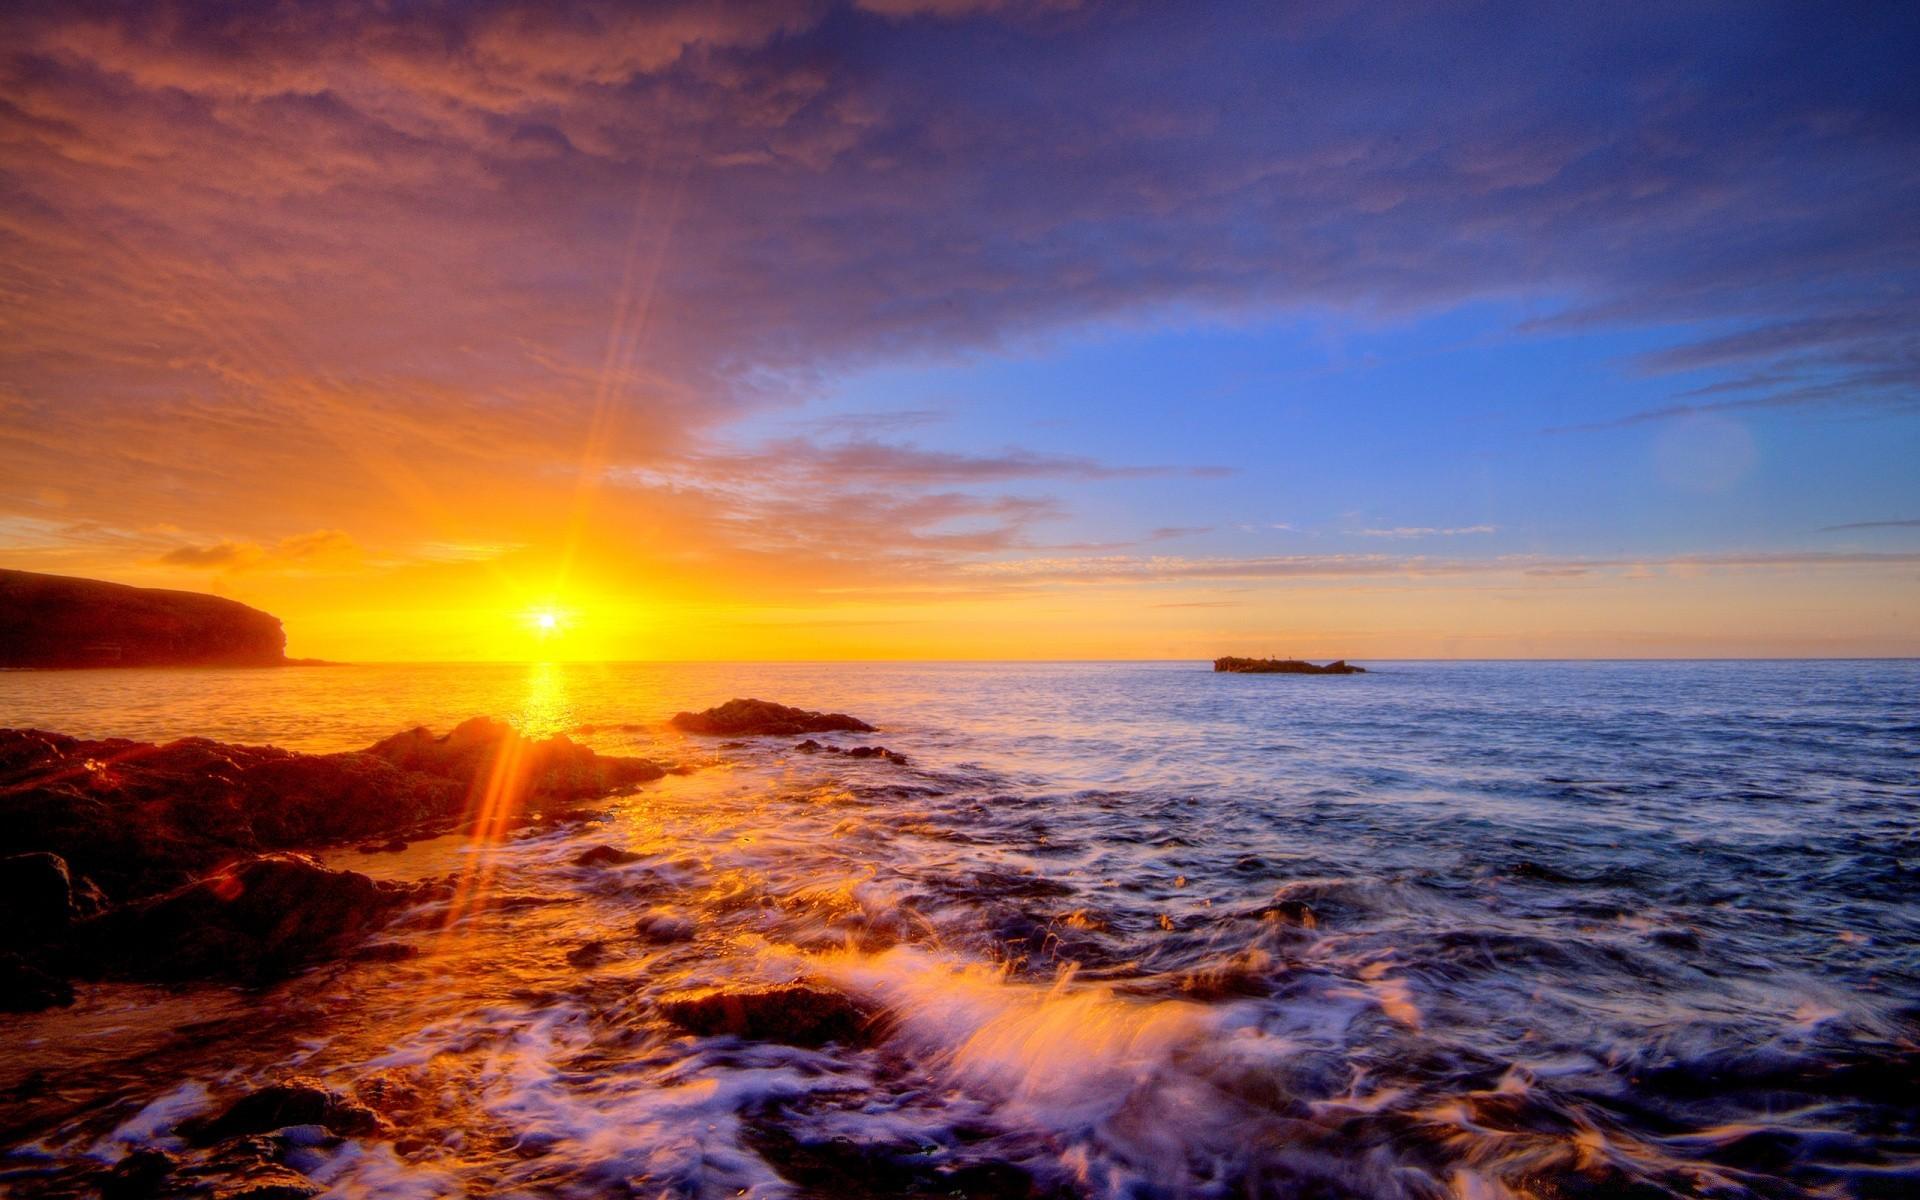 картинки море рассветы и закаты звезда появляется телевидении